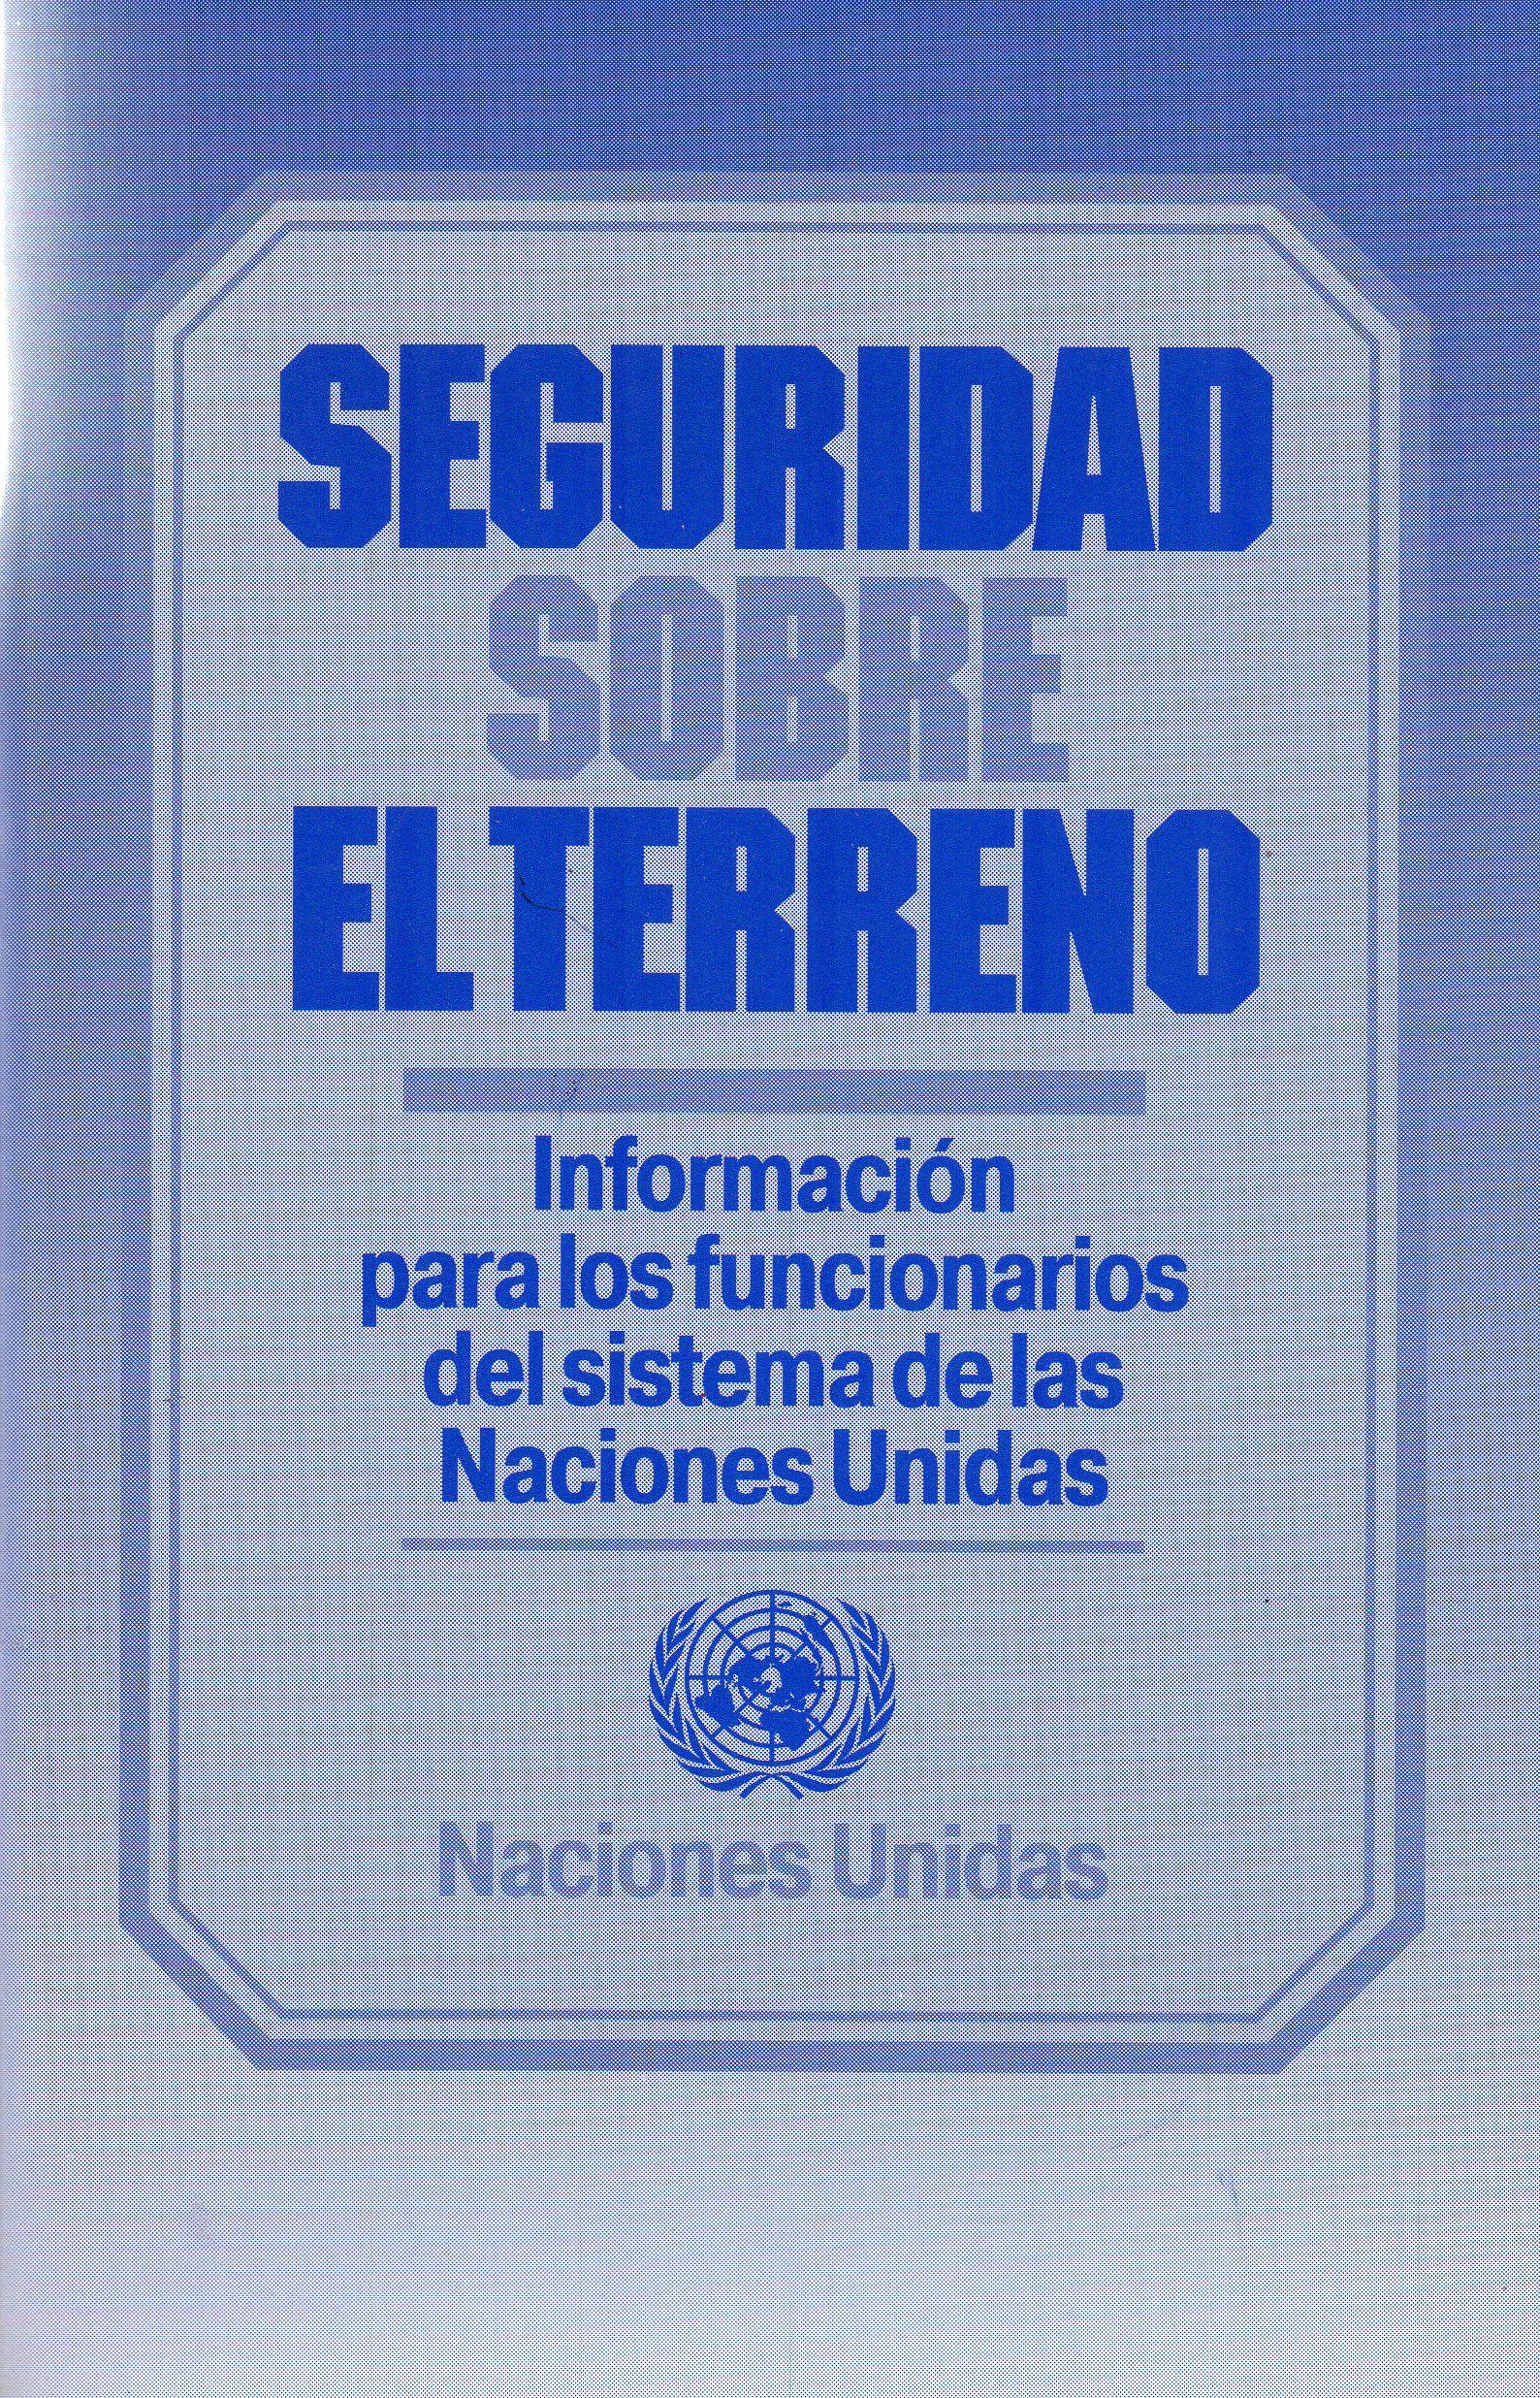 Seguridad sobre el terreno: información para los funcionarios del sistema de las Naciones Unidas/ Oficina del Coordinador de Medidas de Seguridad de las Naciones Unidas.(Naciones Unidas, 1998) / JX 1977 S